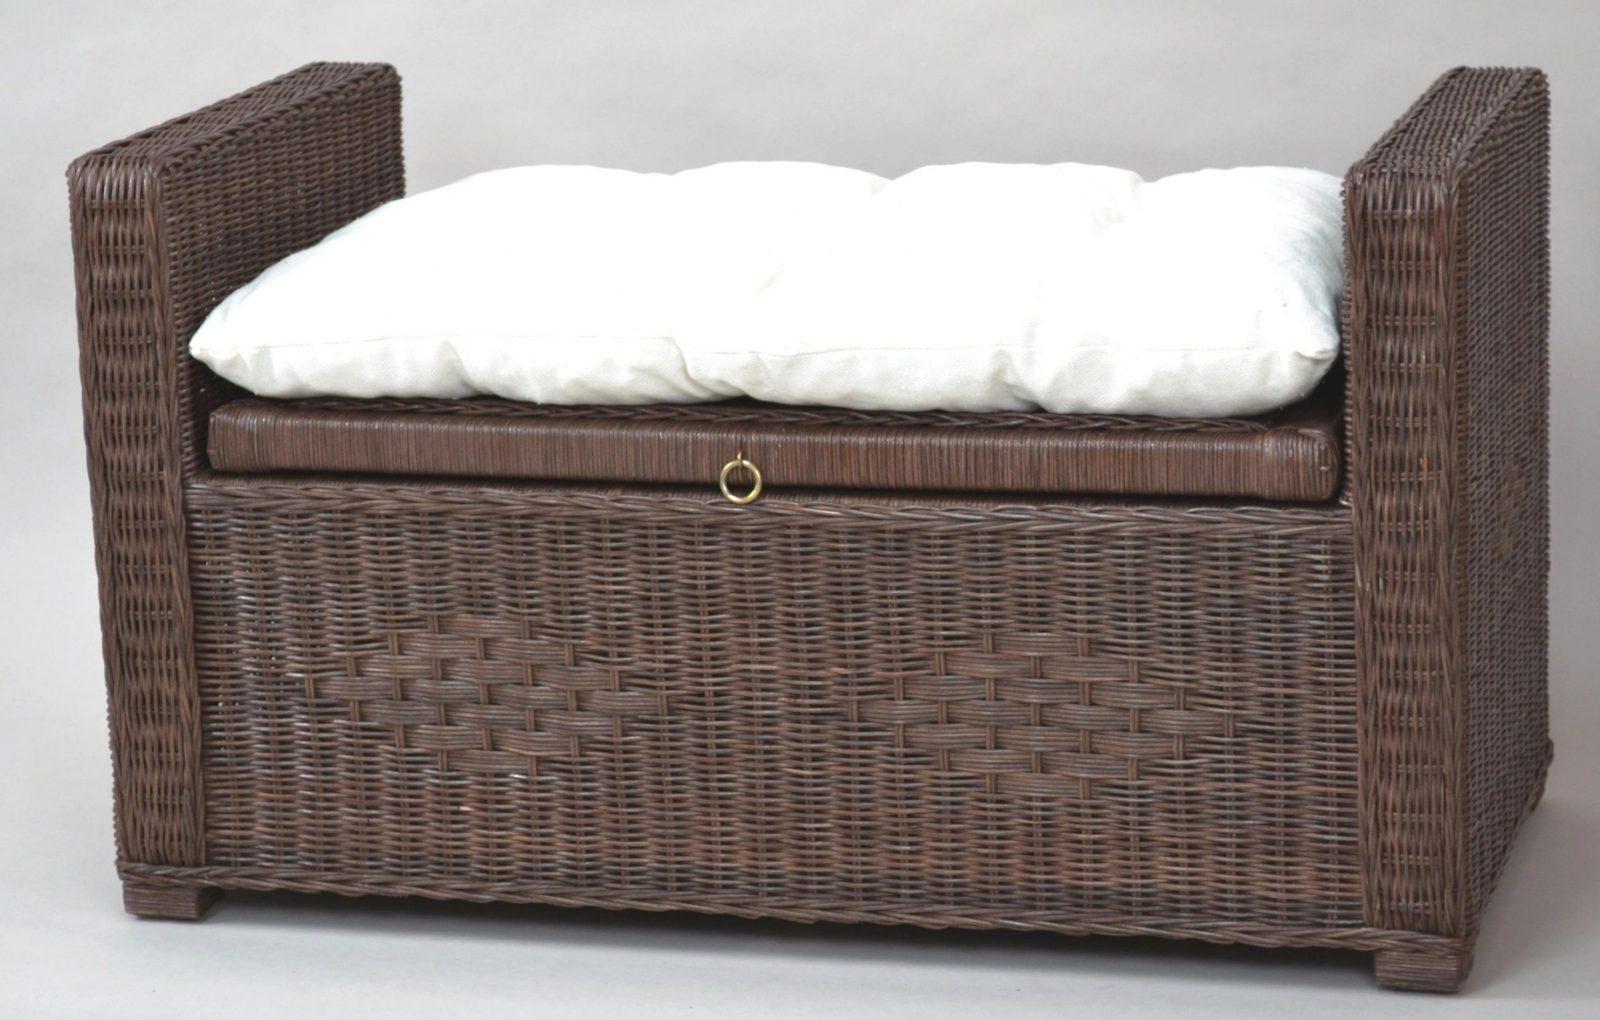 Sitztruhe Rattan Preisgünstig Online Kaufen Ihr Möbel Und Matratzen von Rattan Sitzbank Mit Stauraum Photo